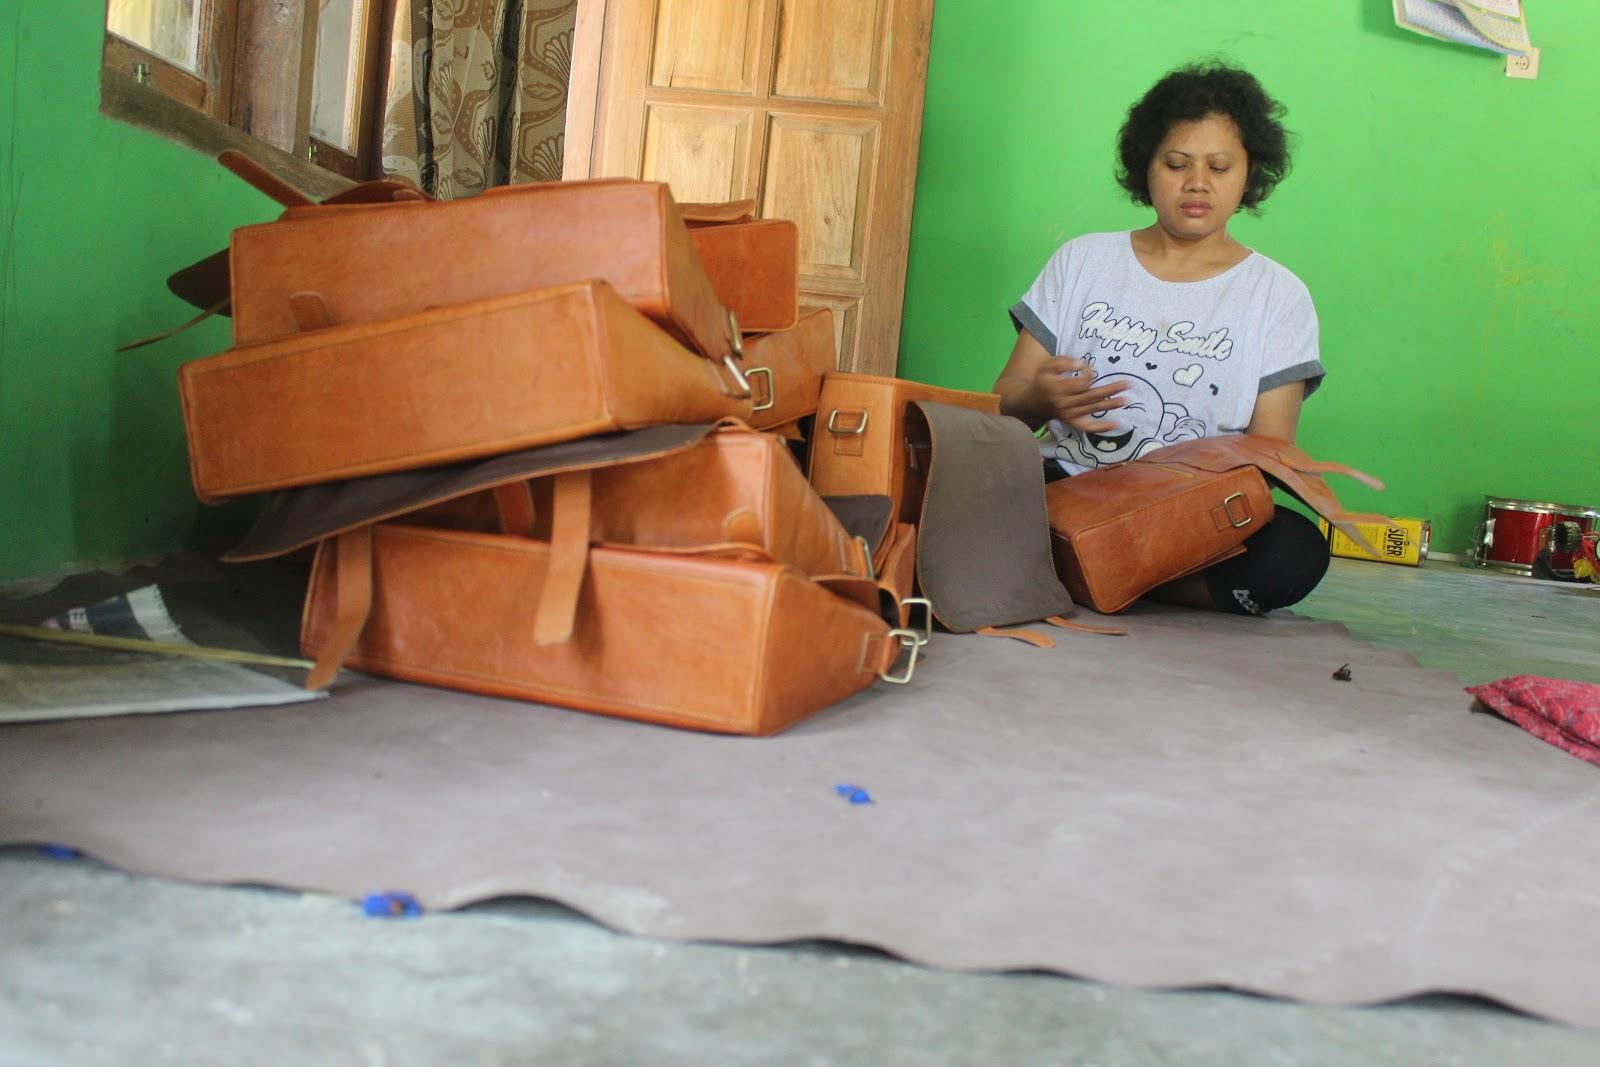 Manding, Manding Yogyakarta, Yogyakarta, Dolan Dolen, Dolaners Manding via Manding Kulit - Dolan Dolen